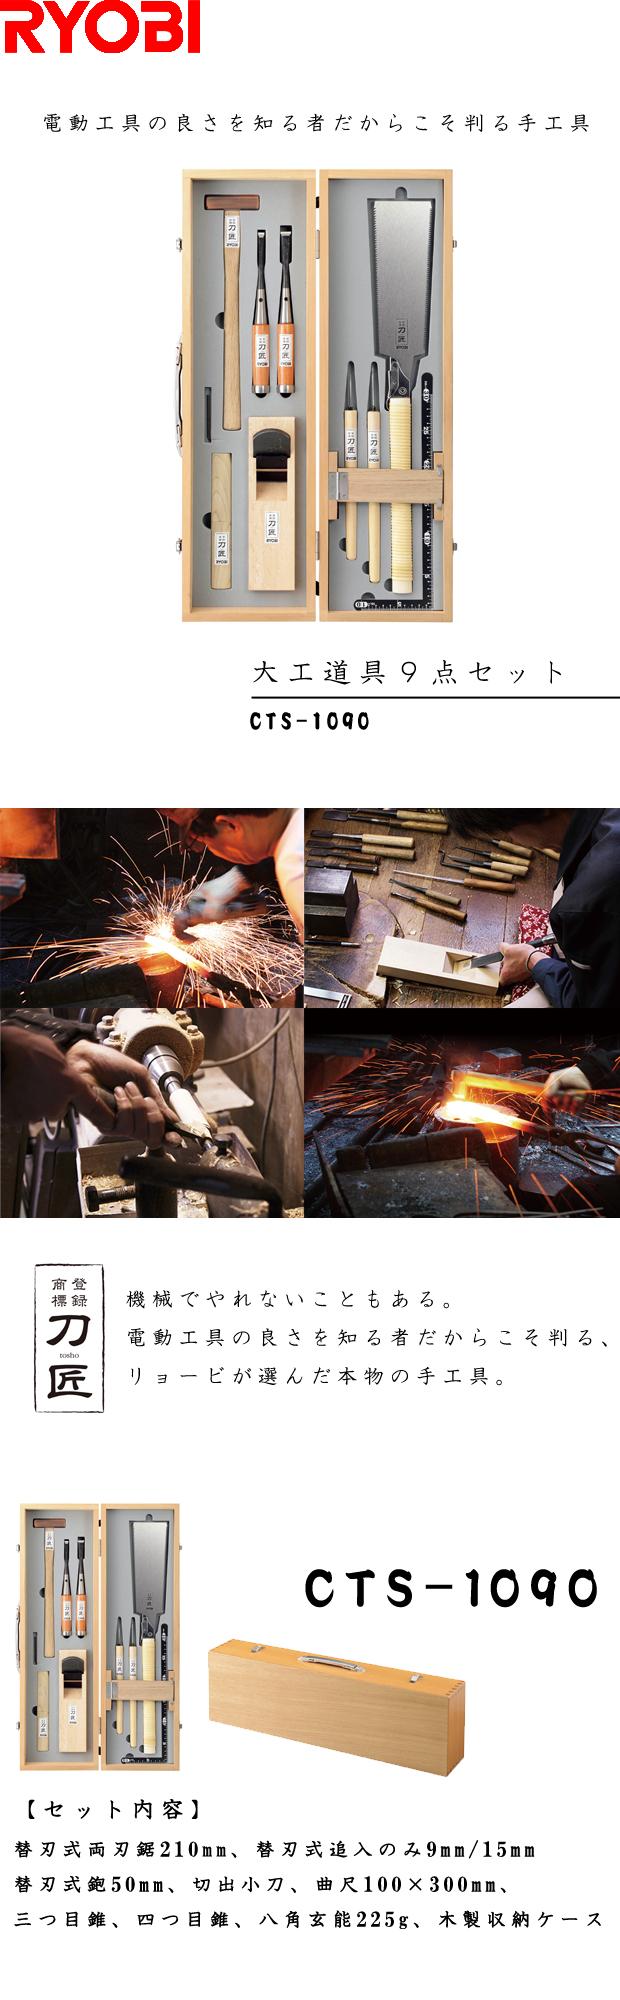 リョービ 大工道具9点セット CTS-1090